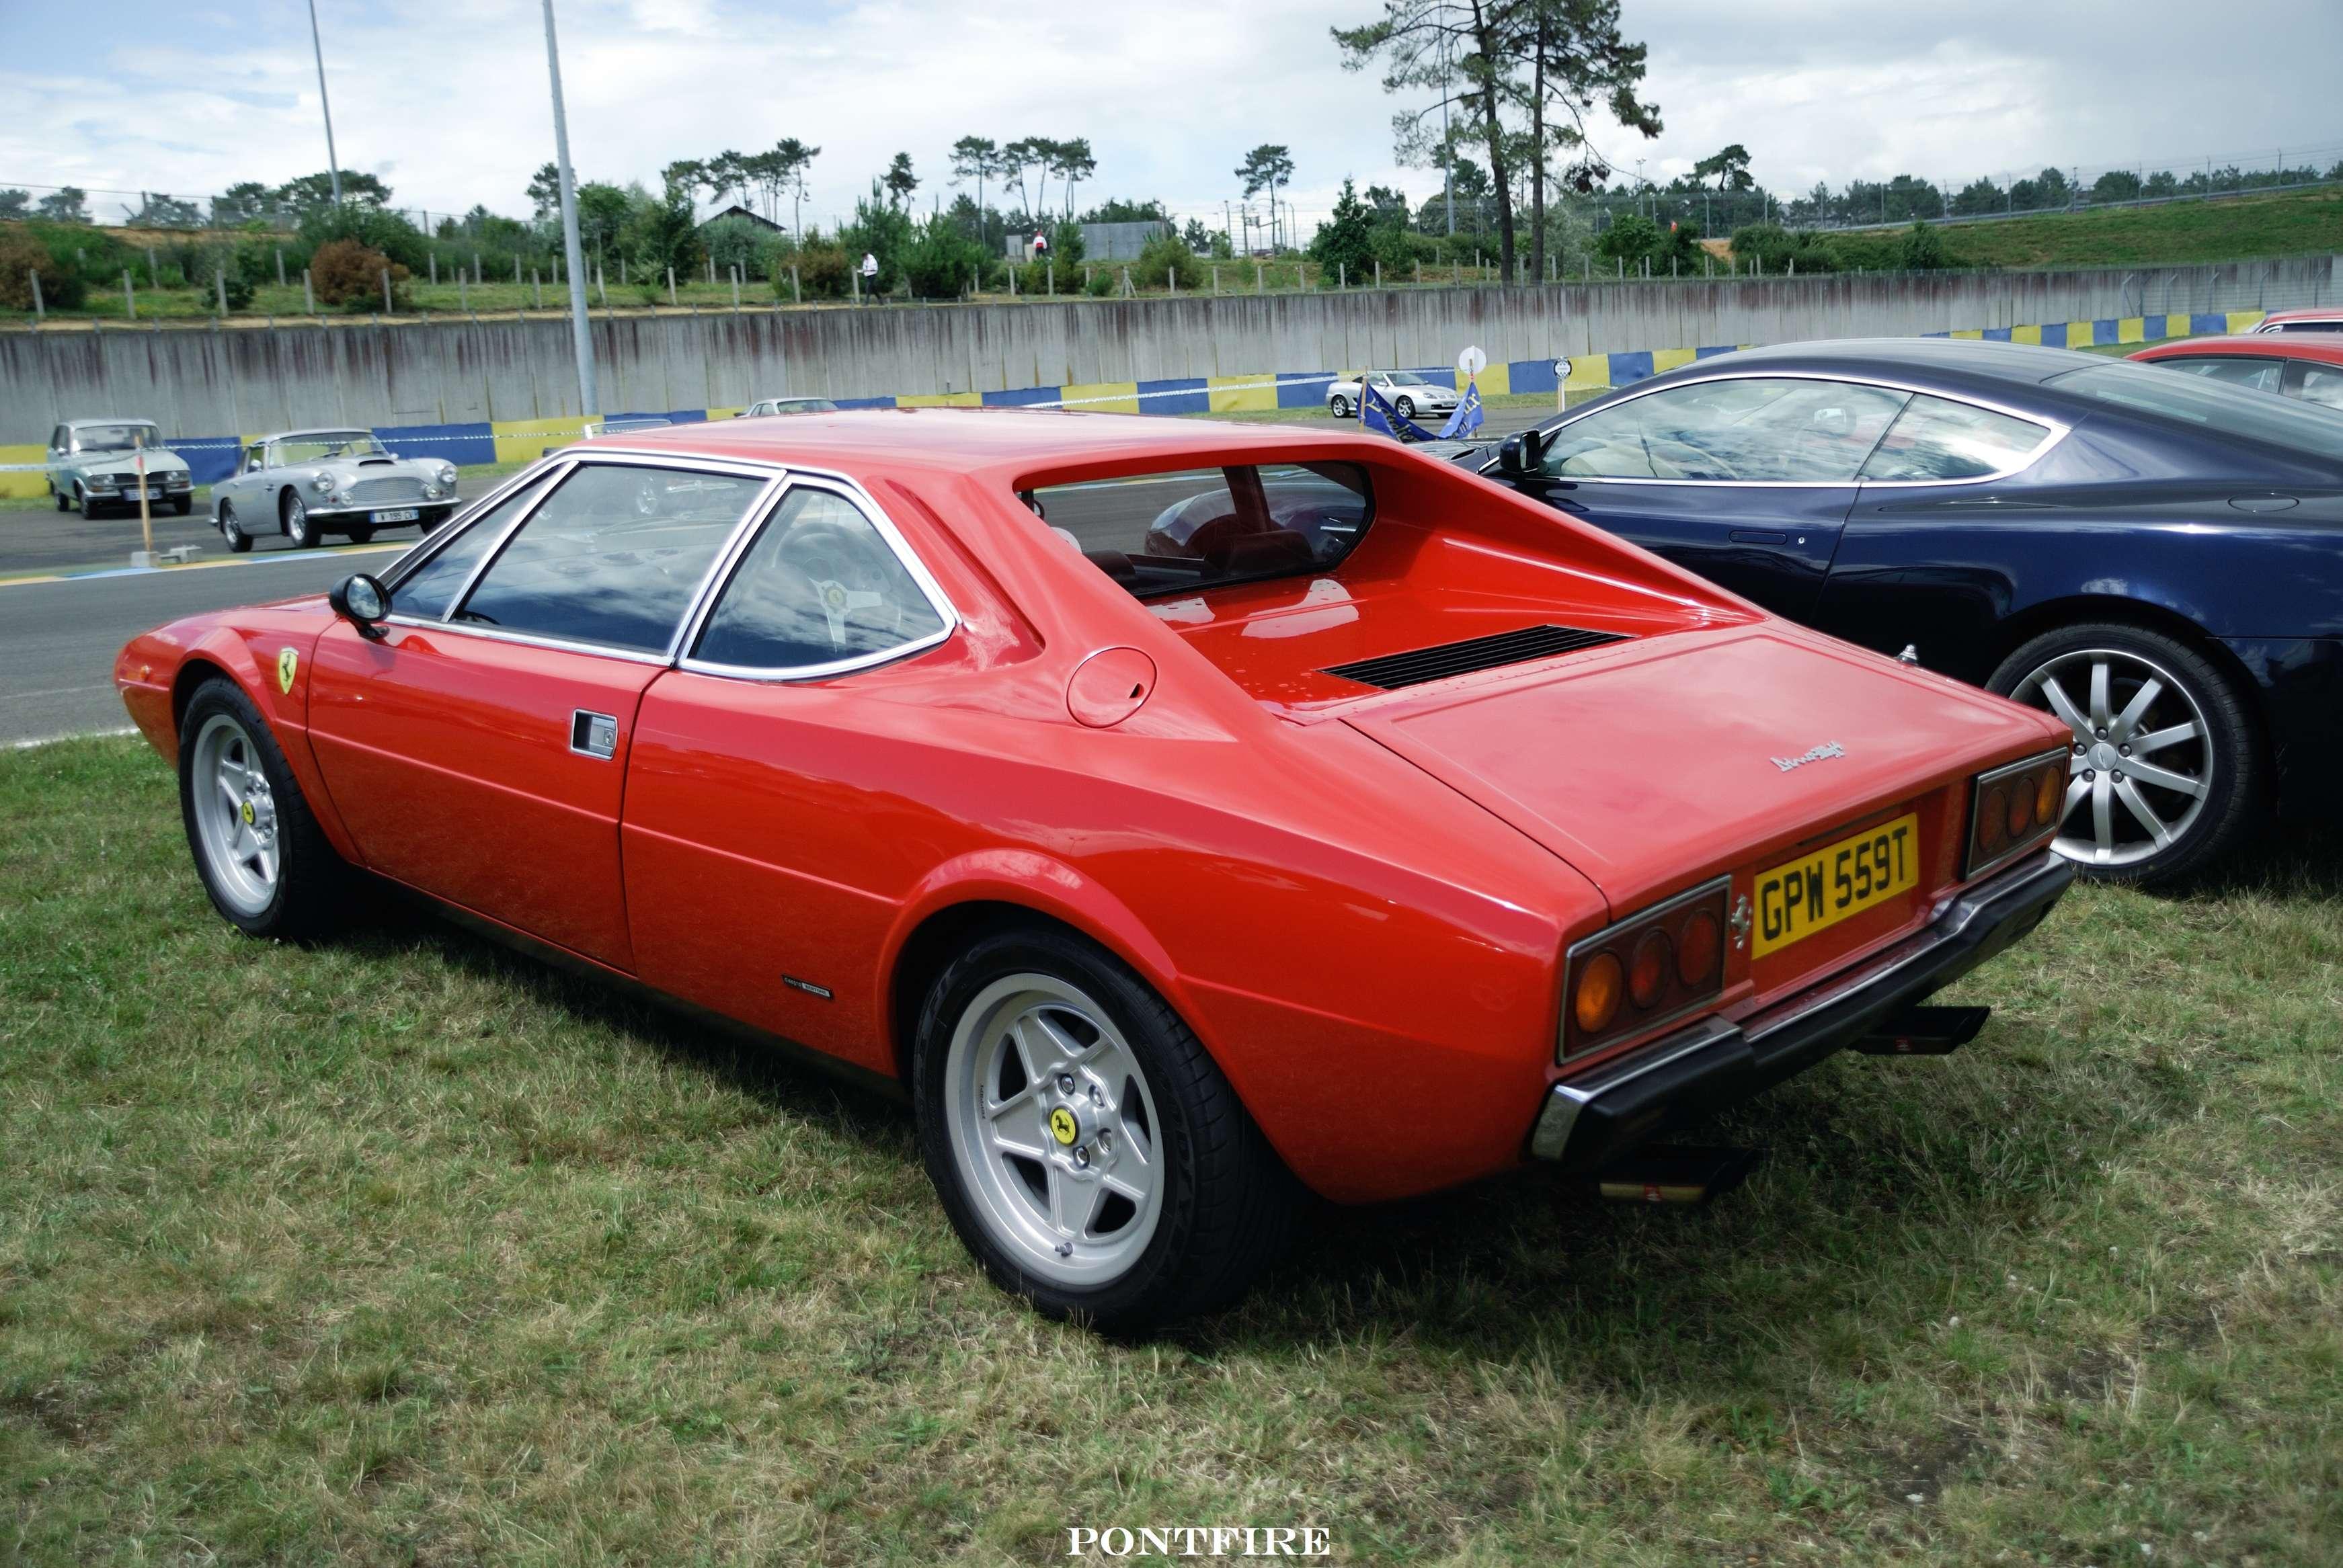 1975 Ferrari Dino 308 GT4 Parts and Accessories